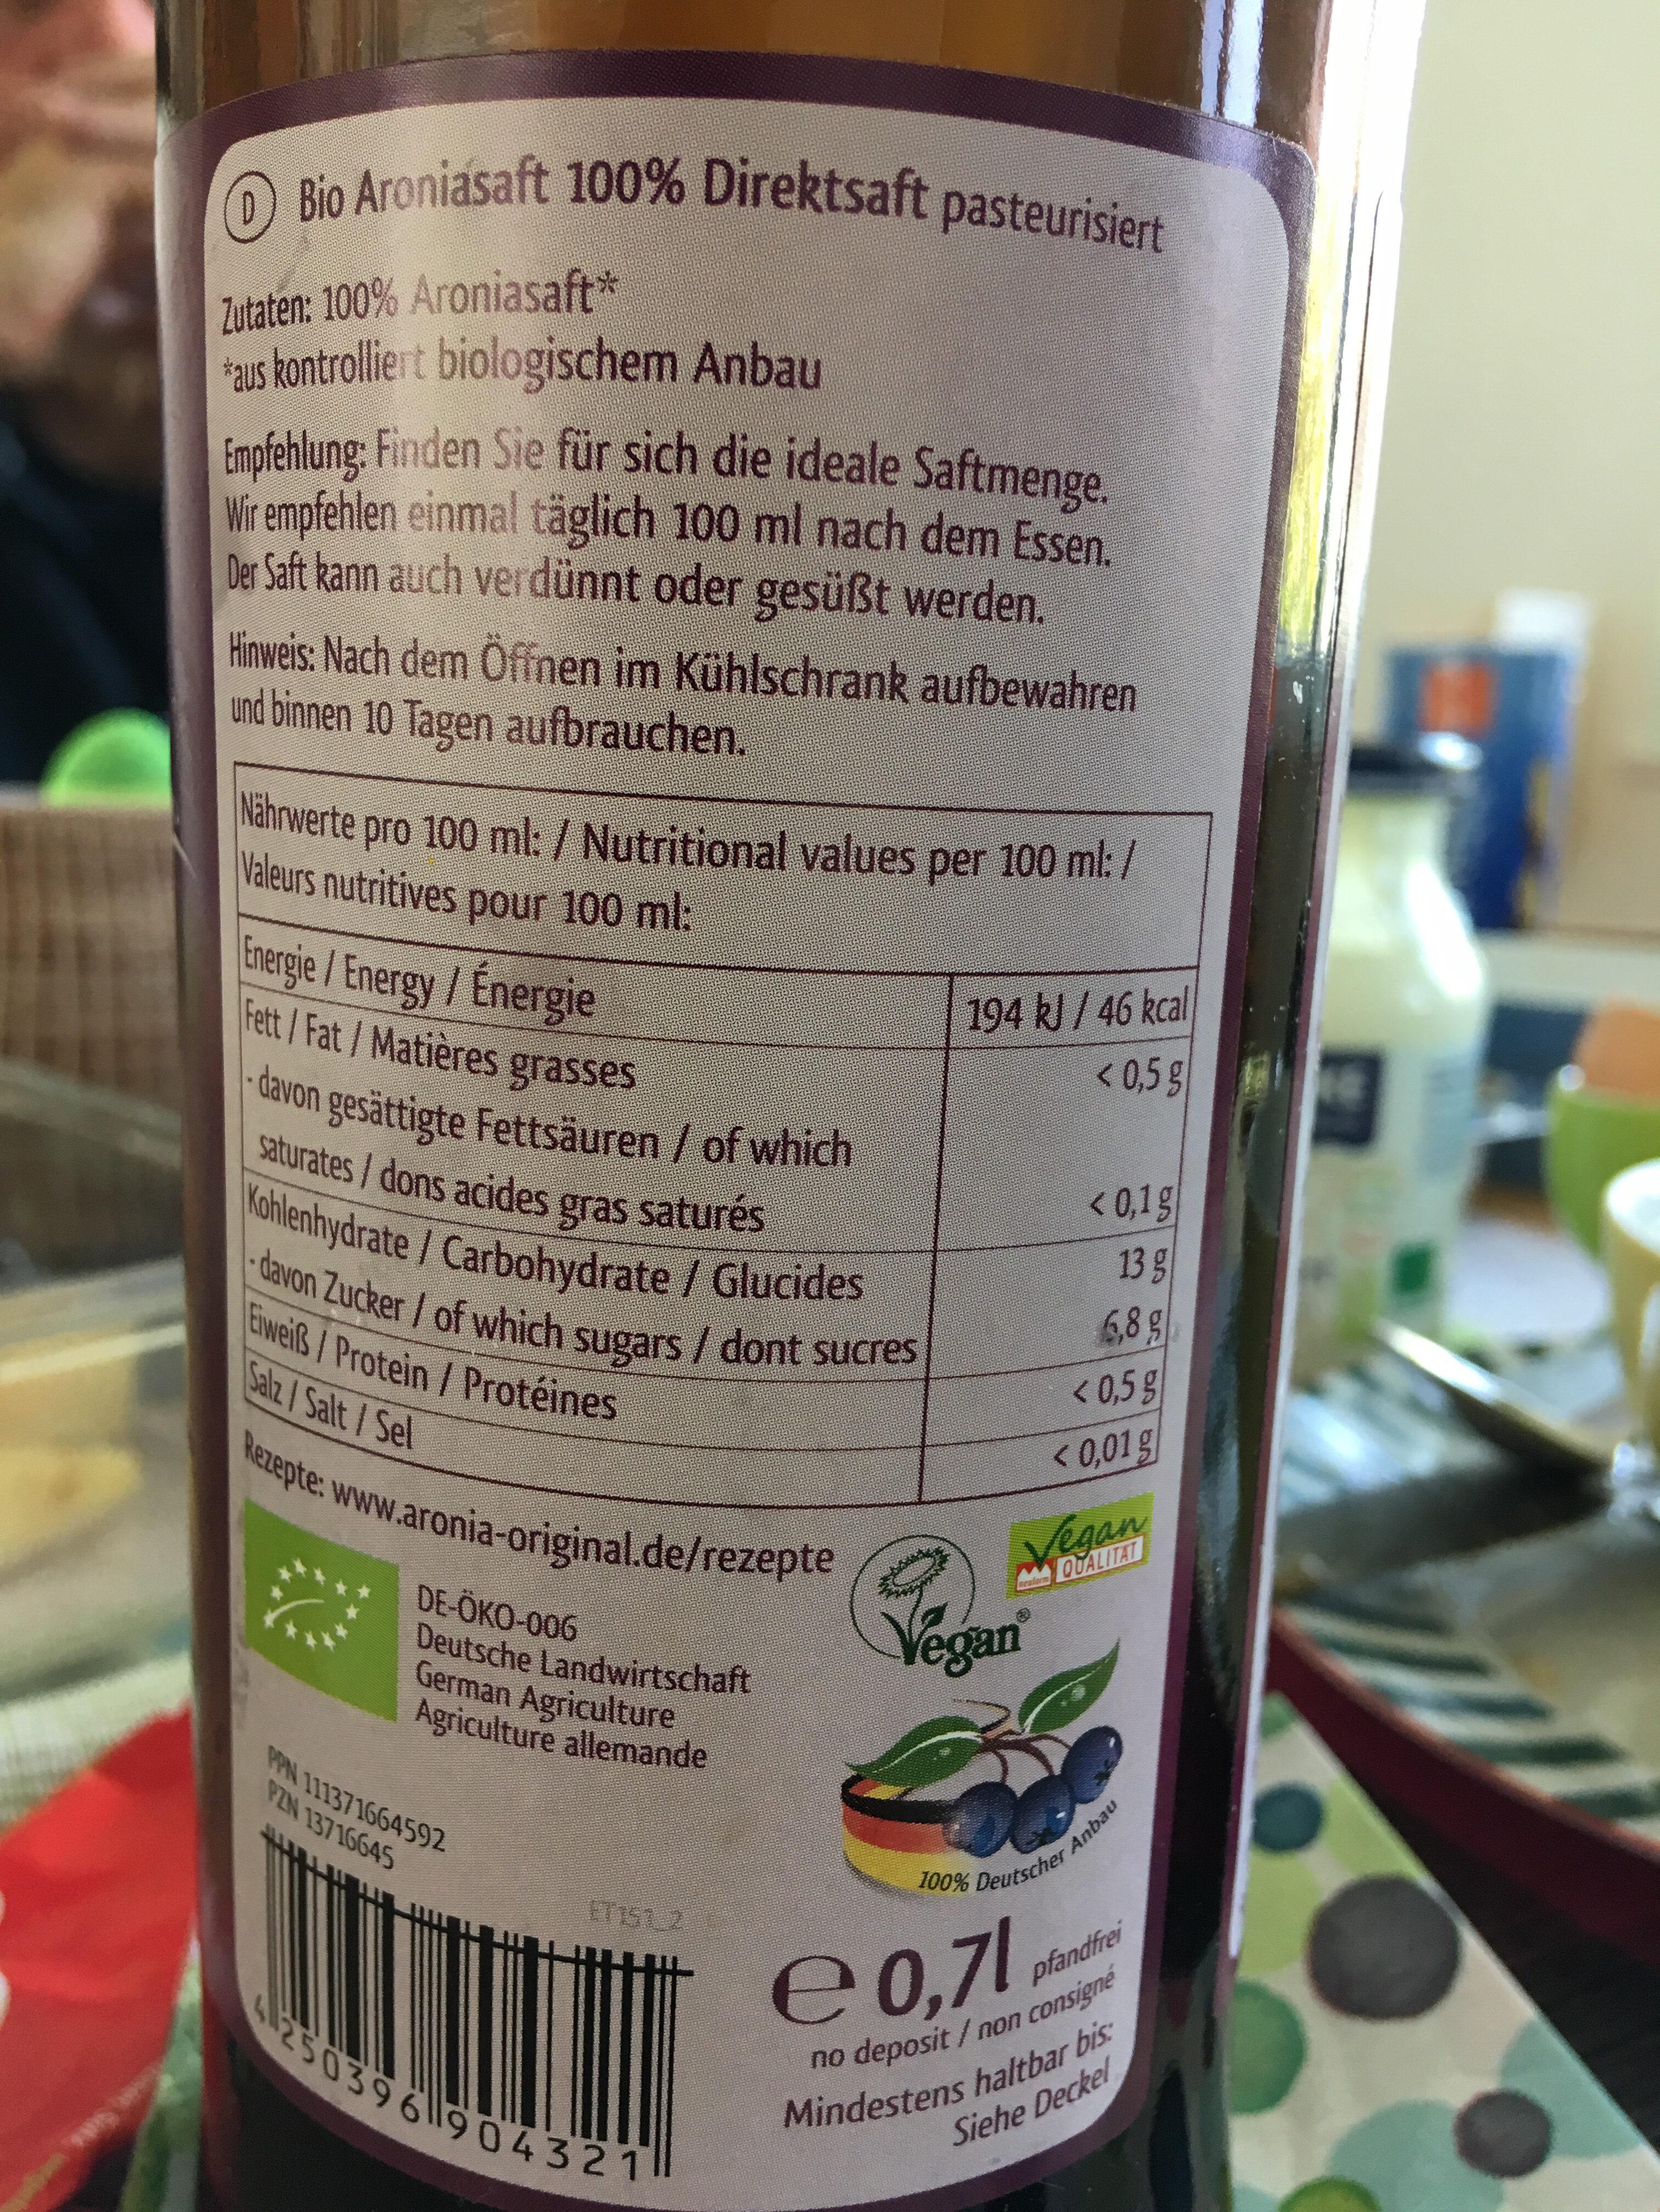 Aronia Direktsaft - Ingrediënten